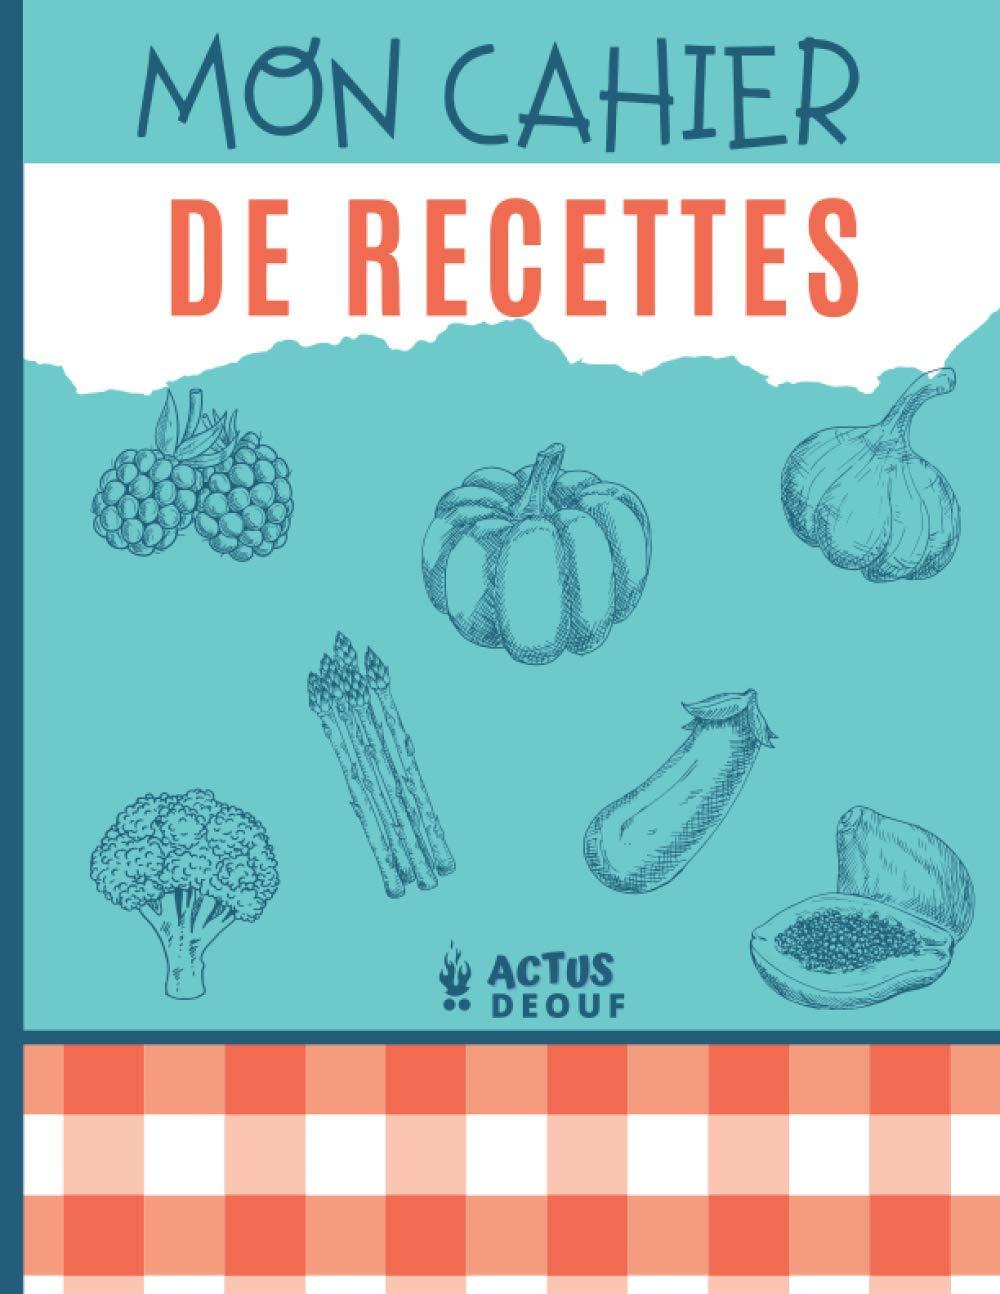 Mon Cahier de recettes Livre de recettes à remplir   Carnet ...